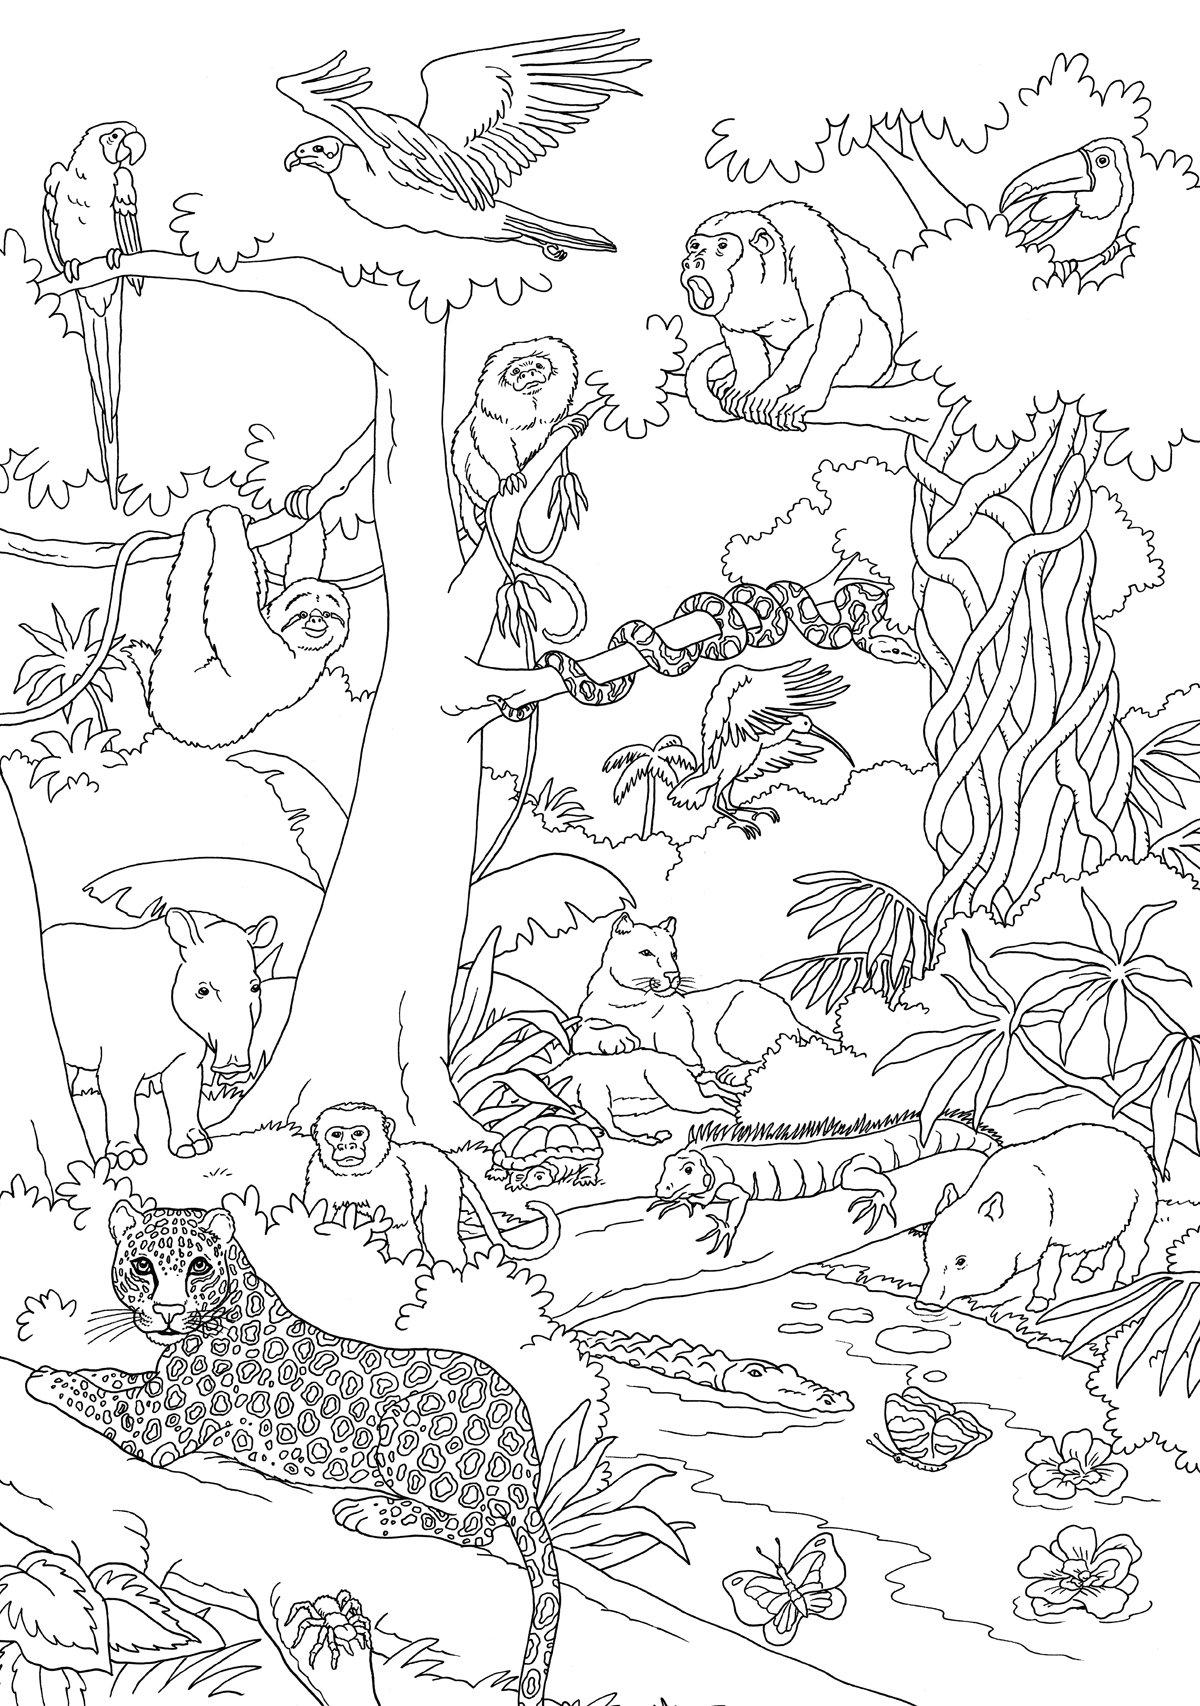 Dschungel Wieso? Weshalb? Warum? Malen, spielen und rätseln: Amazon ...